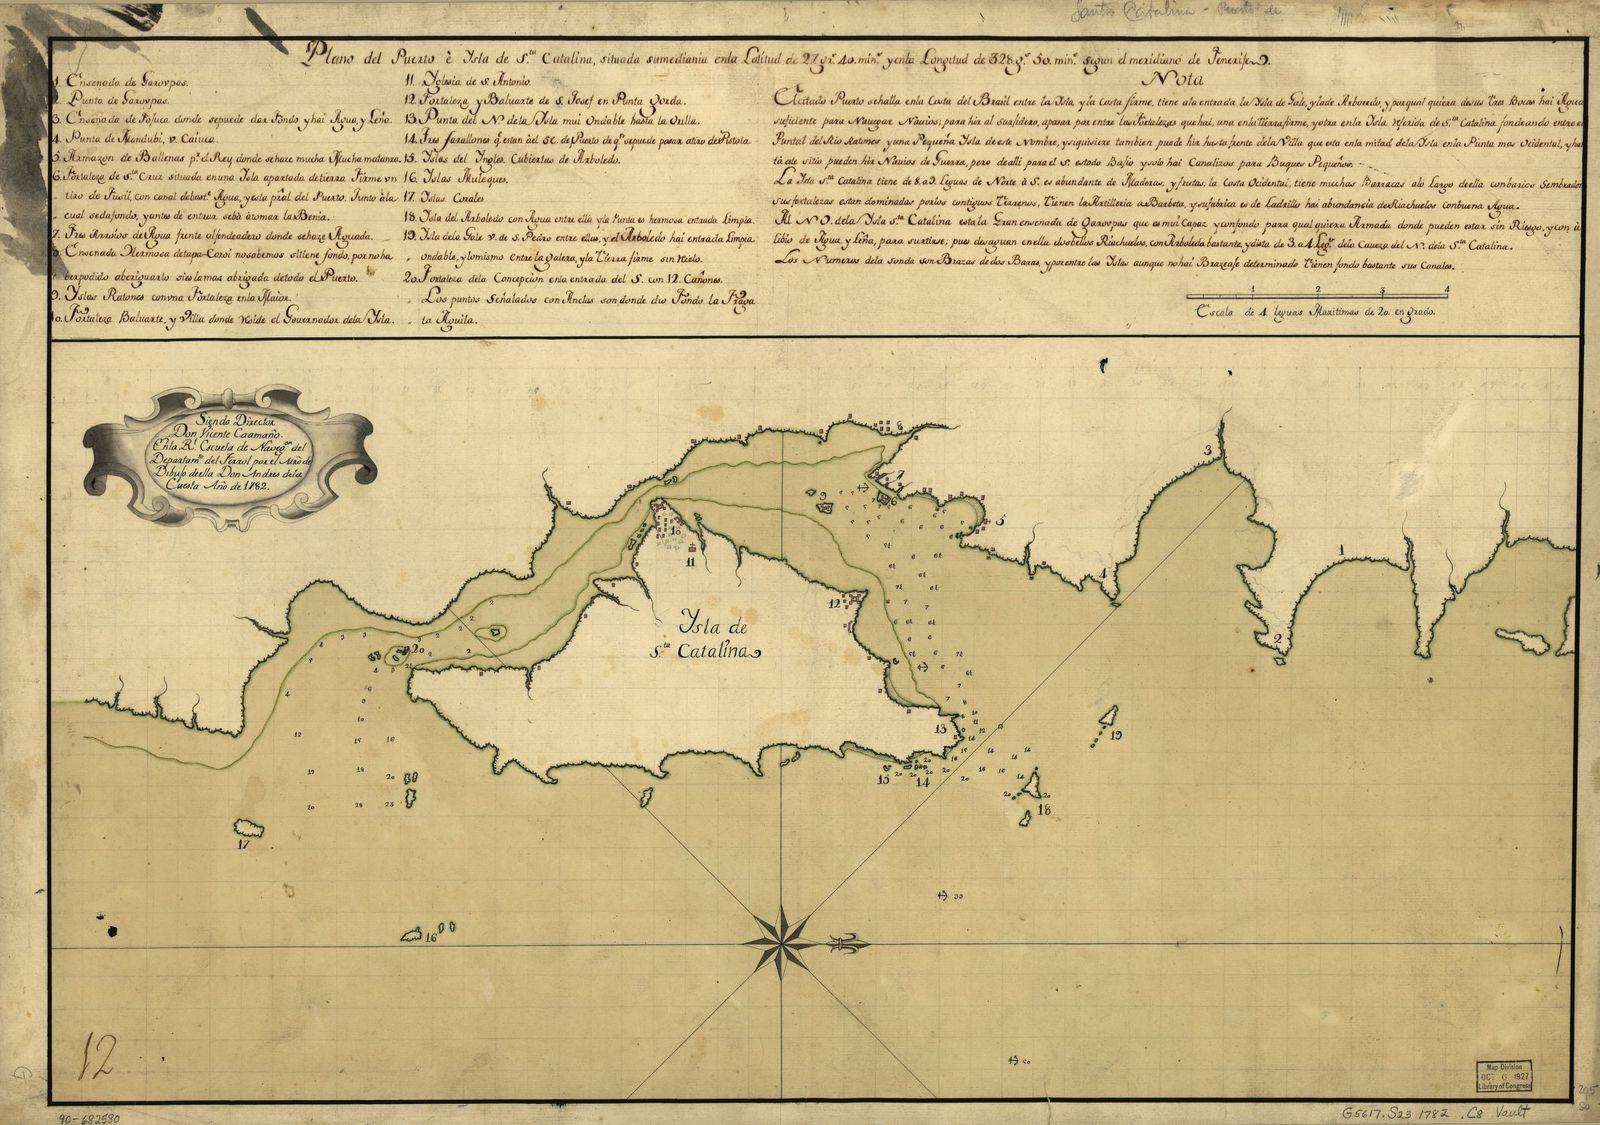 Plano del puerto è ysla de Sta. Catalina situada sumediania en la latitud de 27 grs. 40 mins. y en la longitud de 328 gs. 50 mins. segun el meridiano de Tenerife /